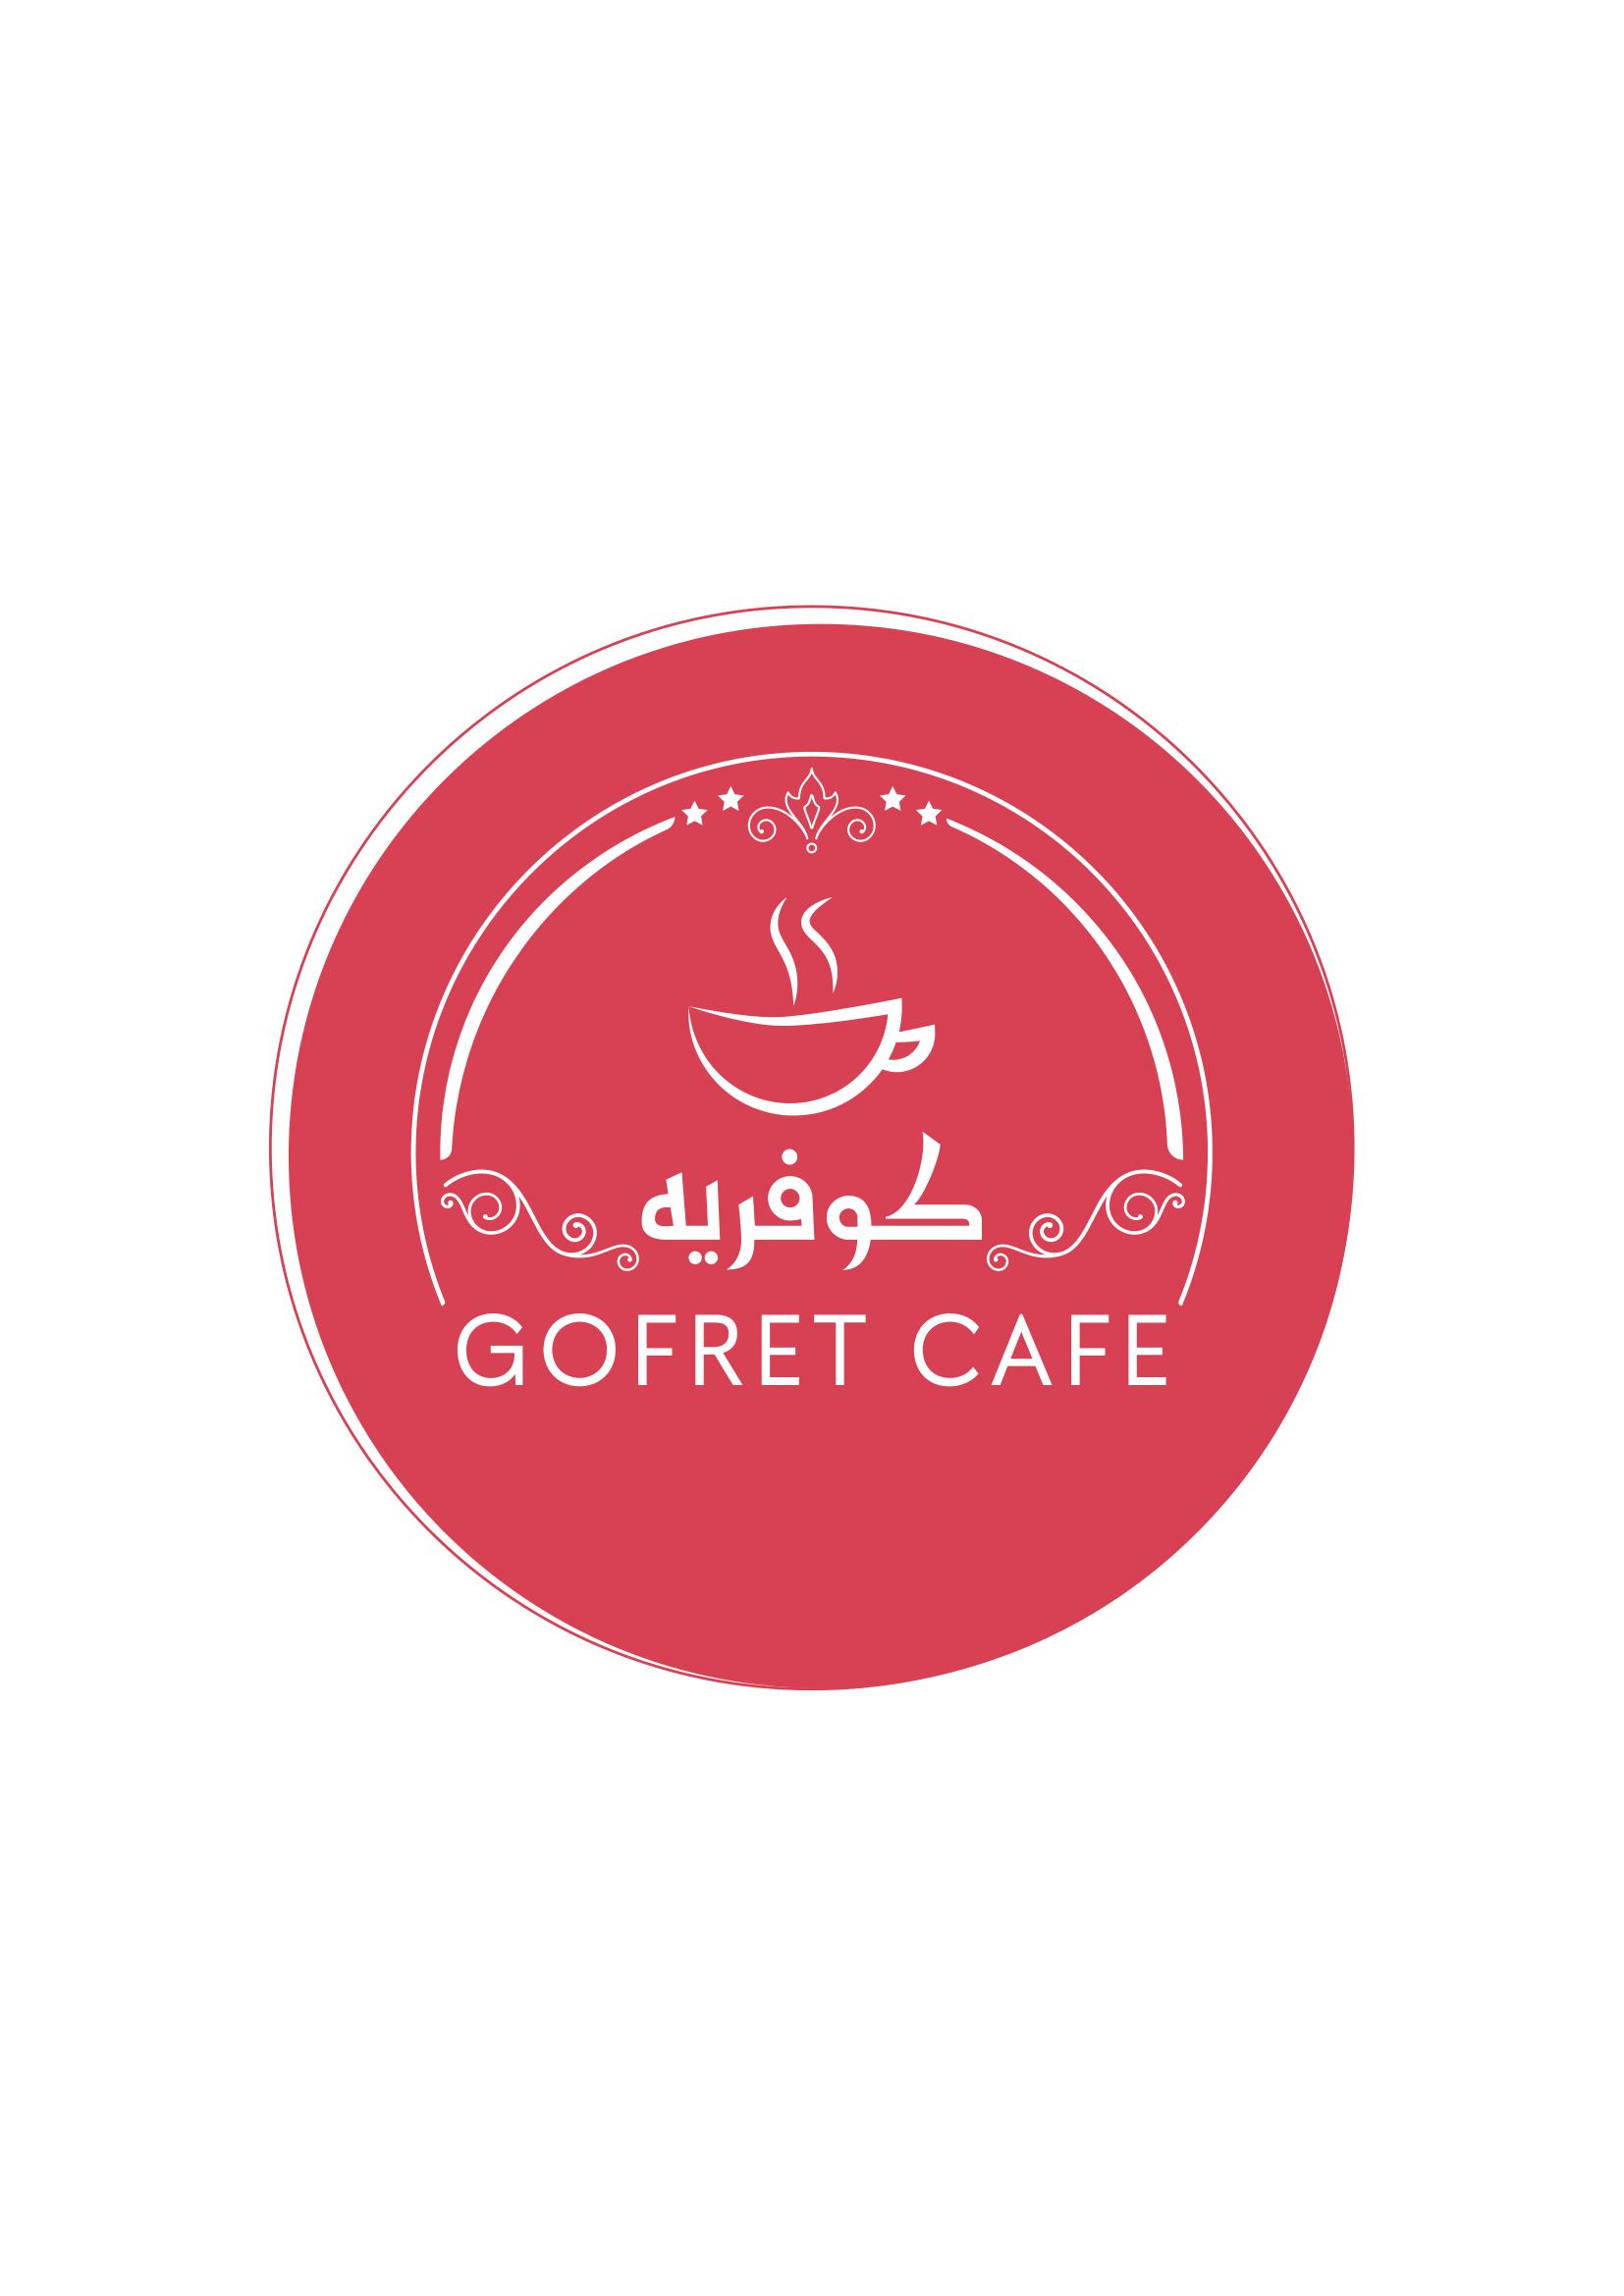 Gofret fırın & Cafe Logo